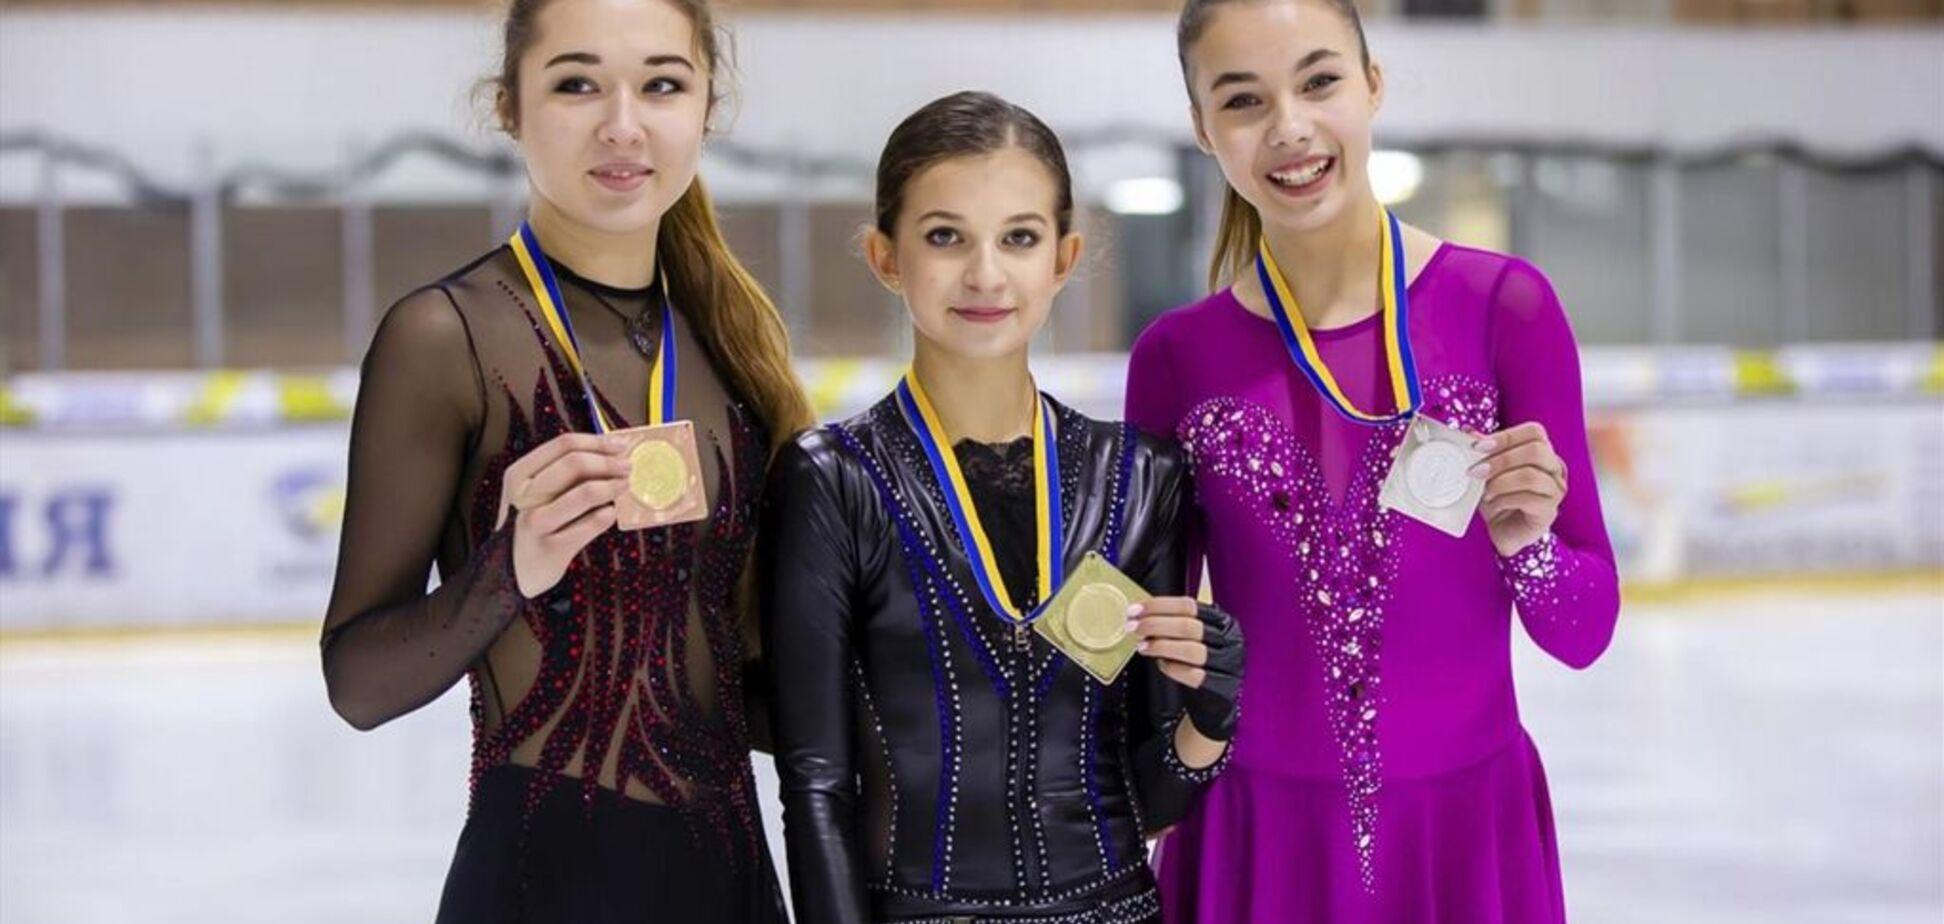 Спортсменка, рассказавшая о 'правильном допинге' в России, стала чемпионкой Украины